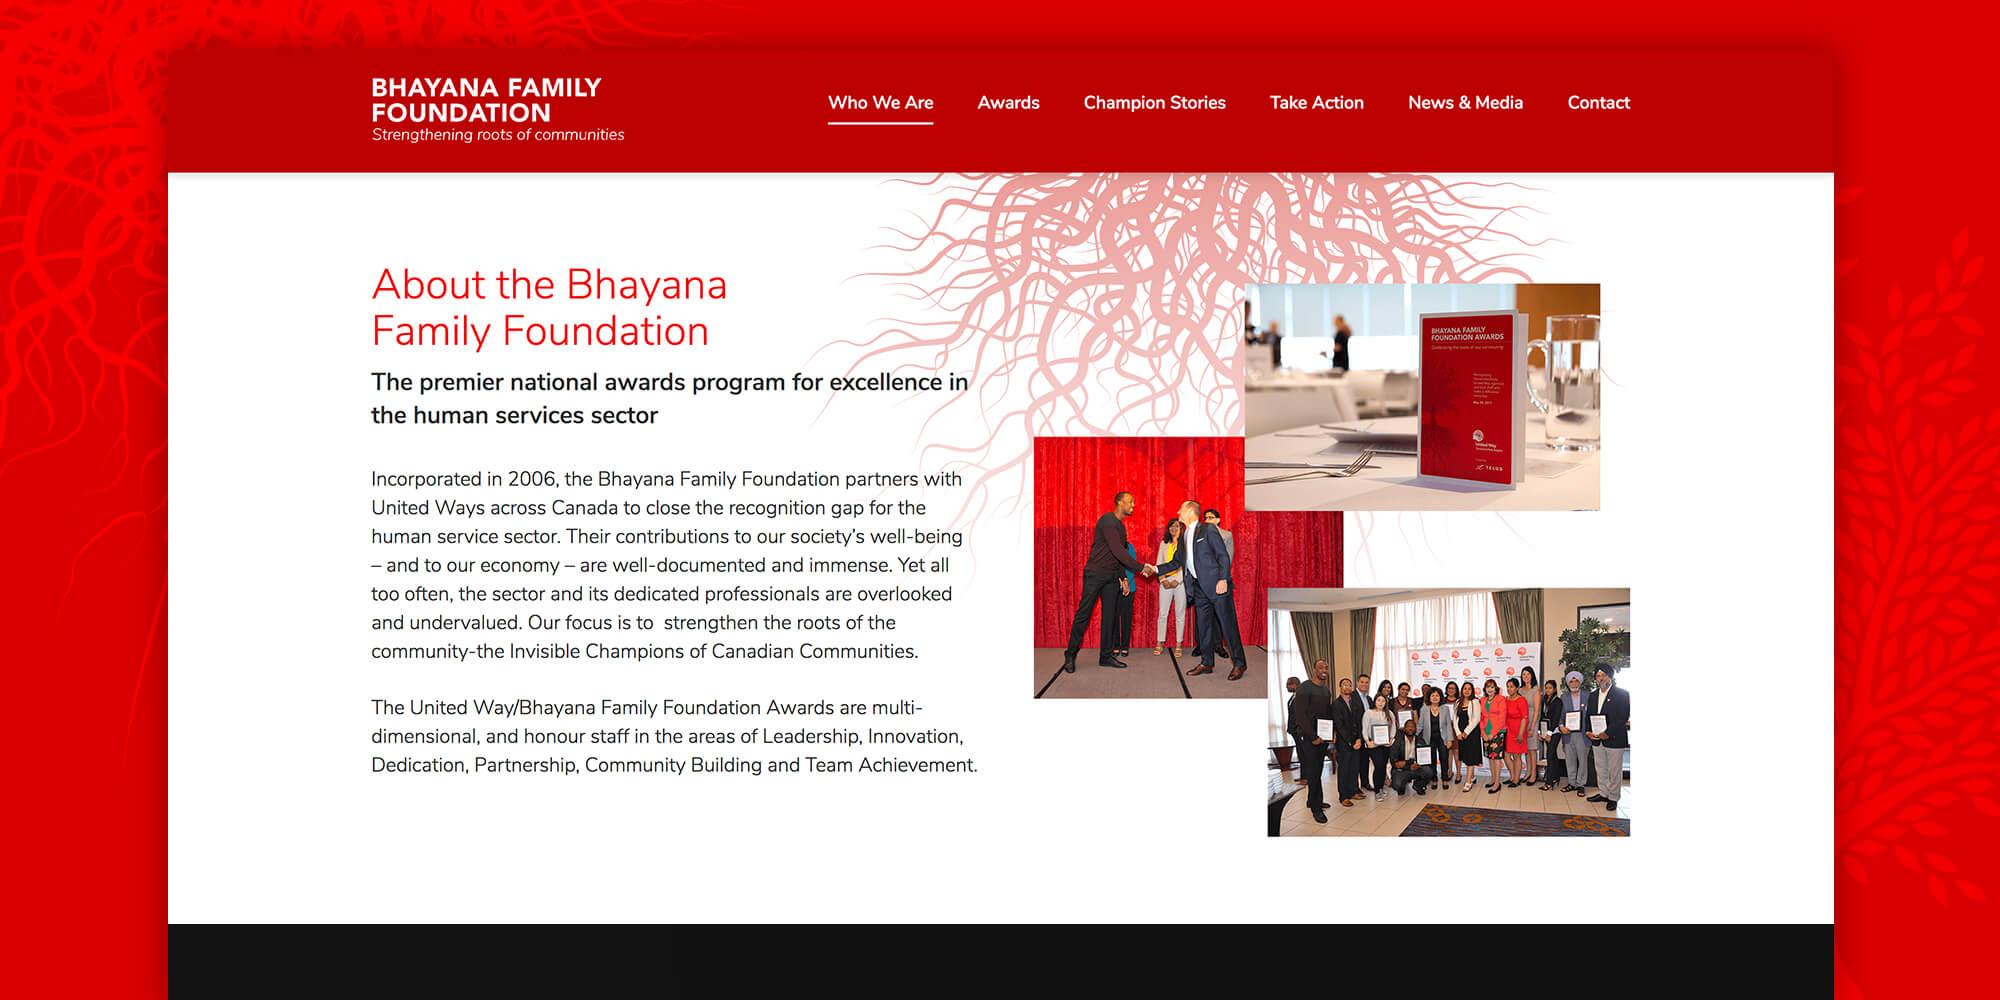 Bhayana Family Foundation